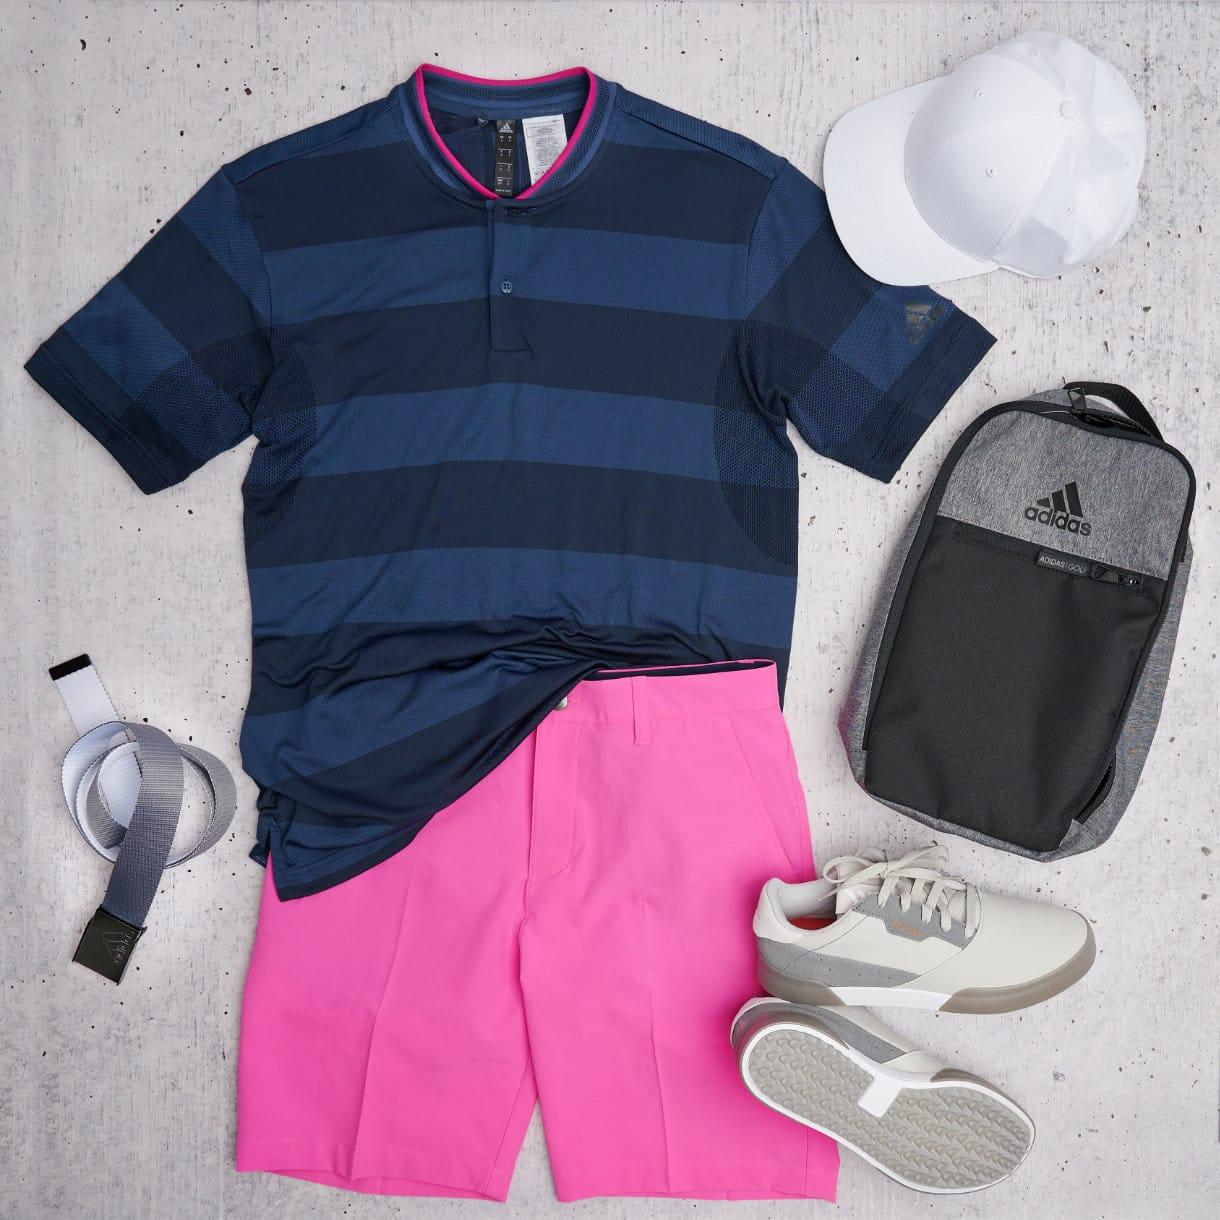 No. 1 Herren Outfit